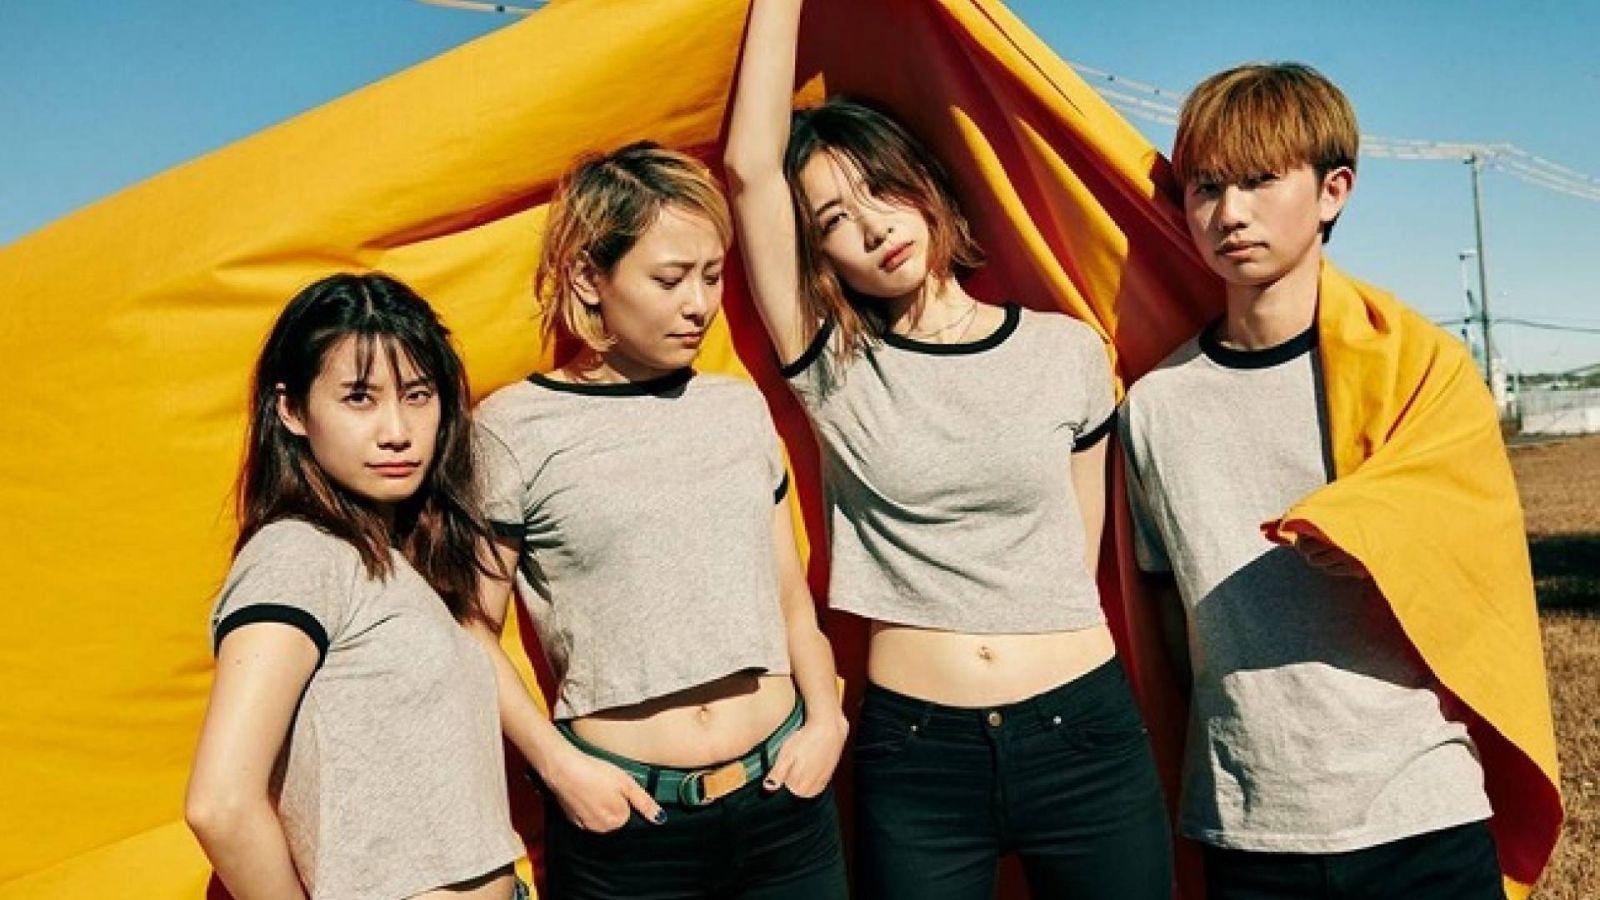 tricot anuncia nuevo single y conciertos en Estados Unidos y México © BAKURETSU RECORDS